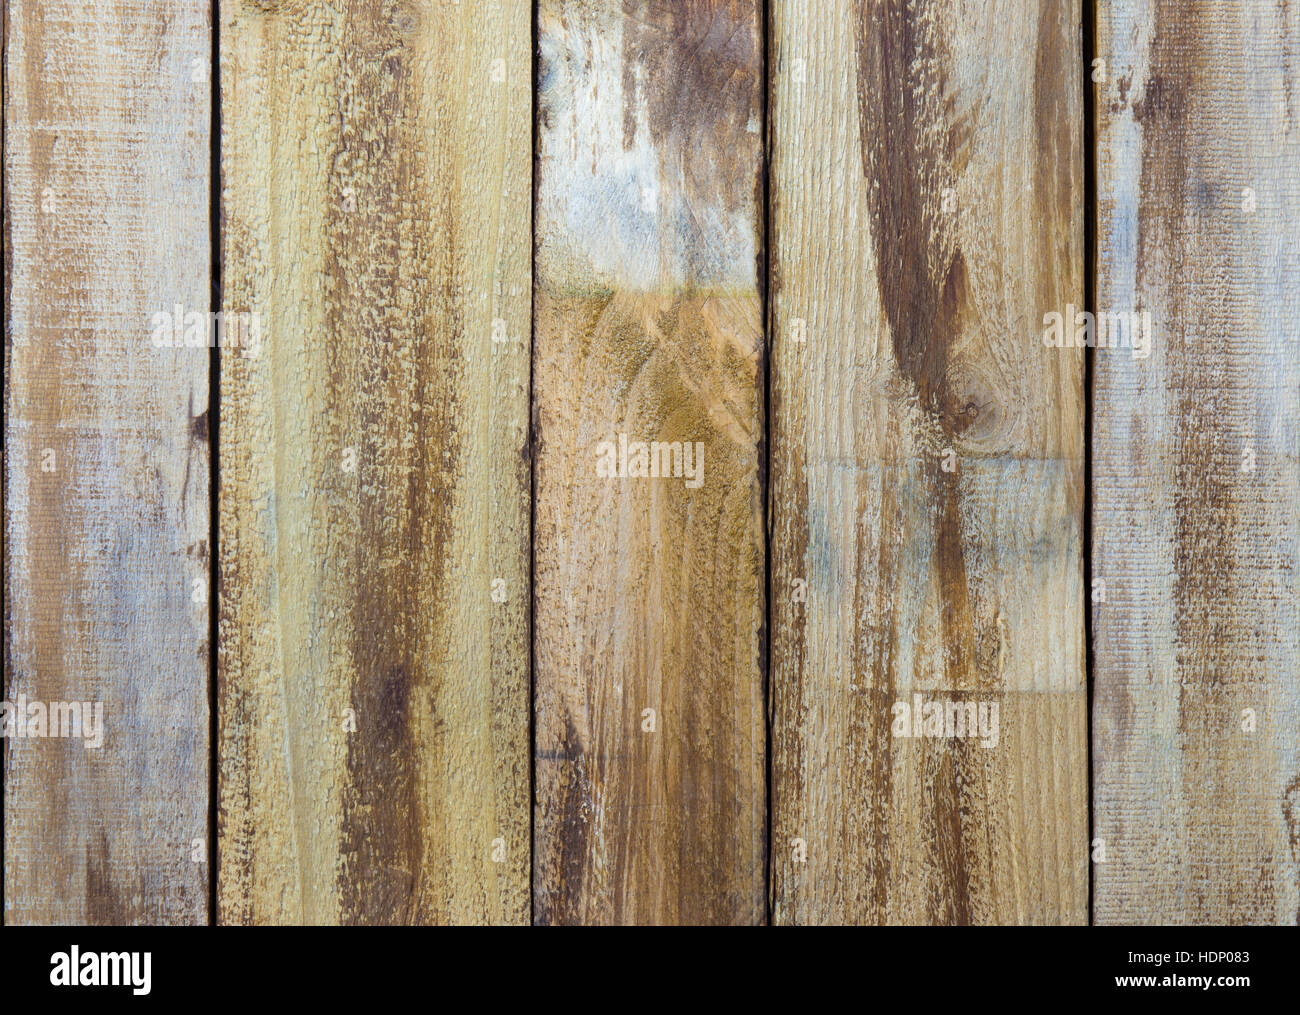 Assi Di Legno Hd : In legno naturale sfondo testurizzata con assi verticali foto